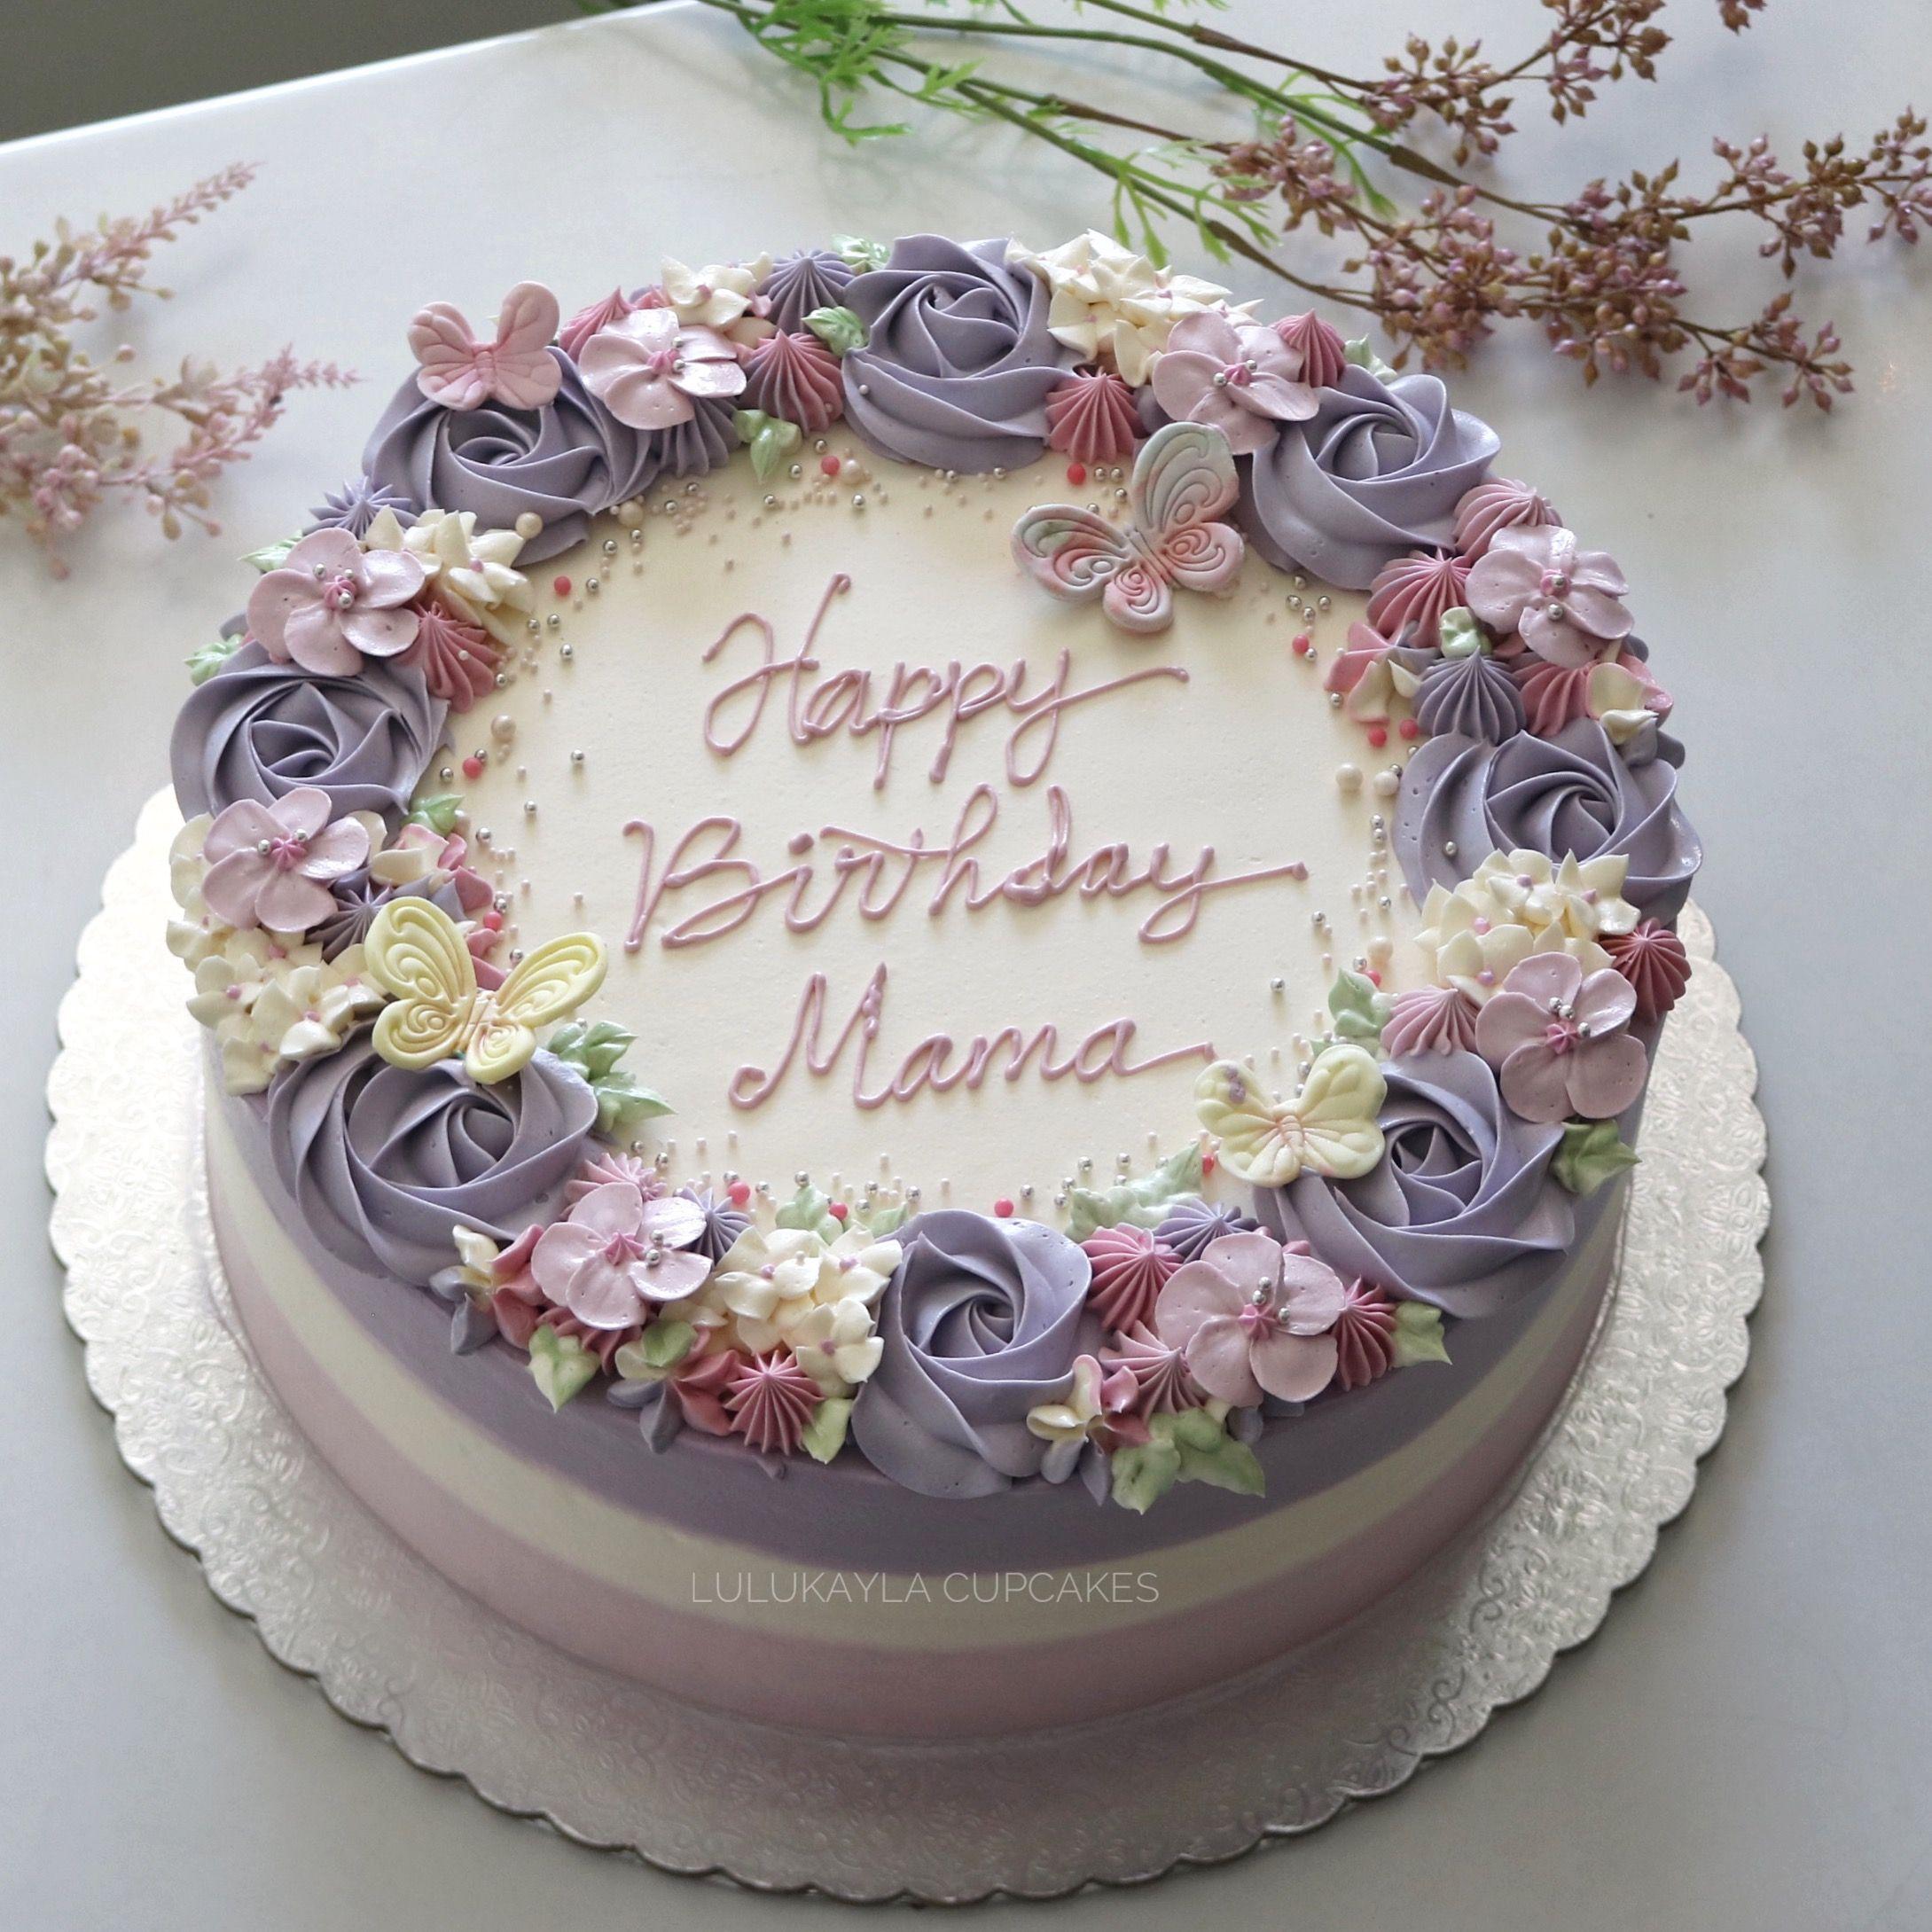 Картинки торта с днем рождения бабушке, для